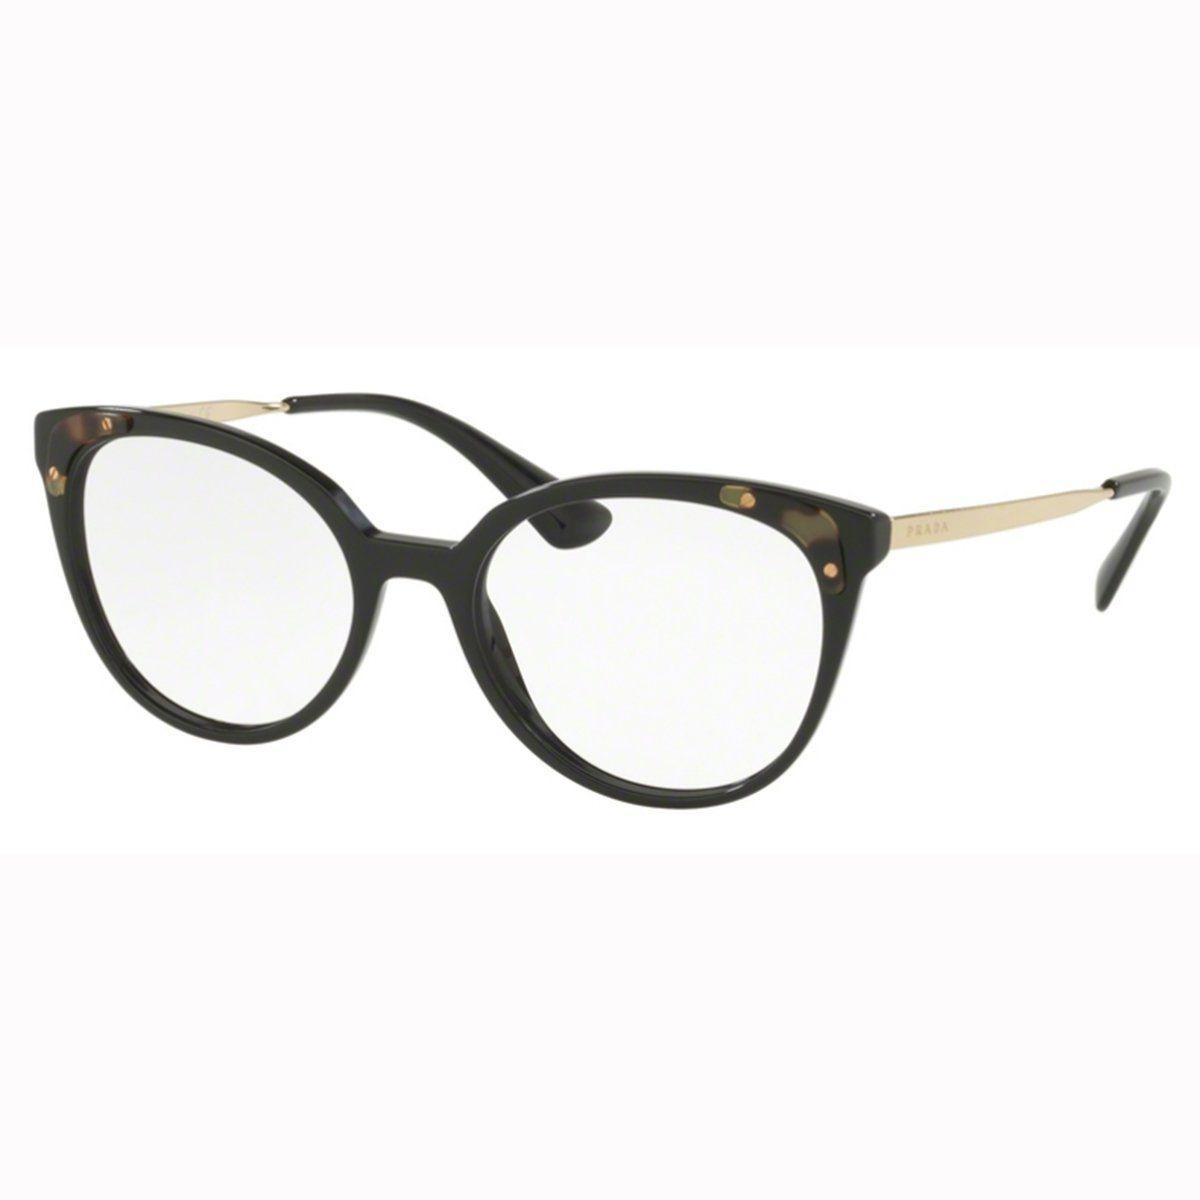 f52fbac9d Armação Óculos De Grau Feminino Prada Vpr12u 1ab-101 - R$ 799,00 em ...